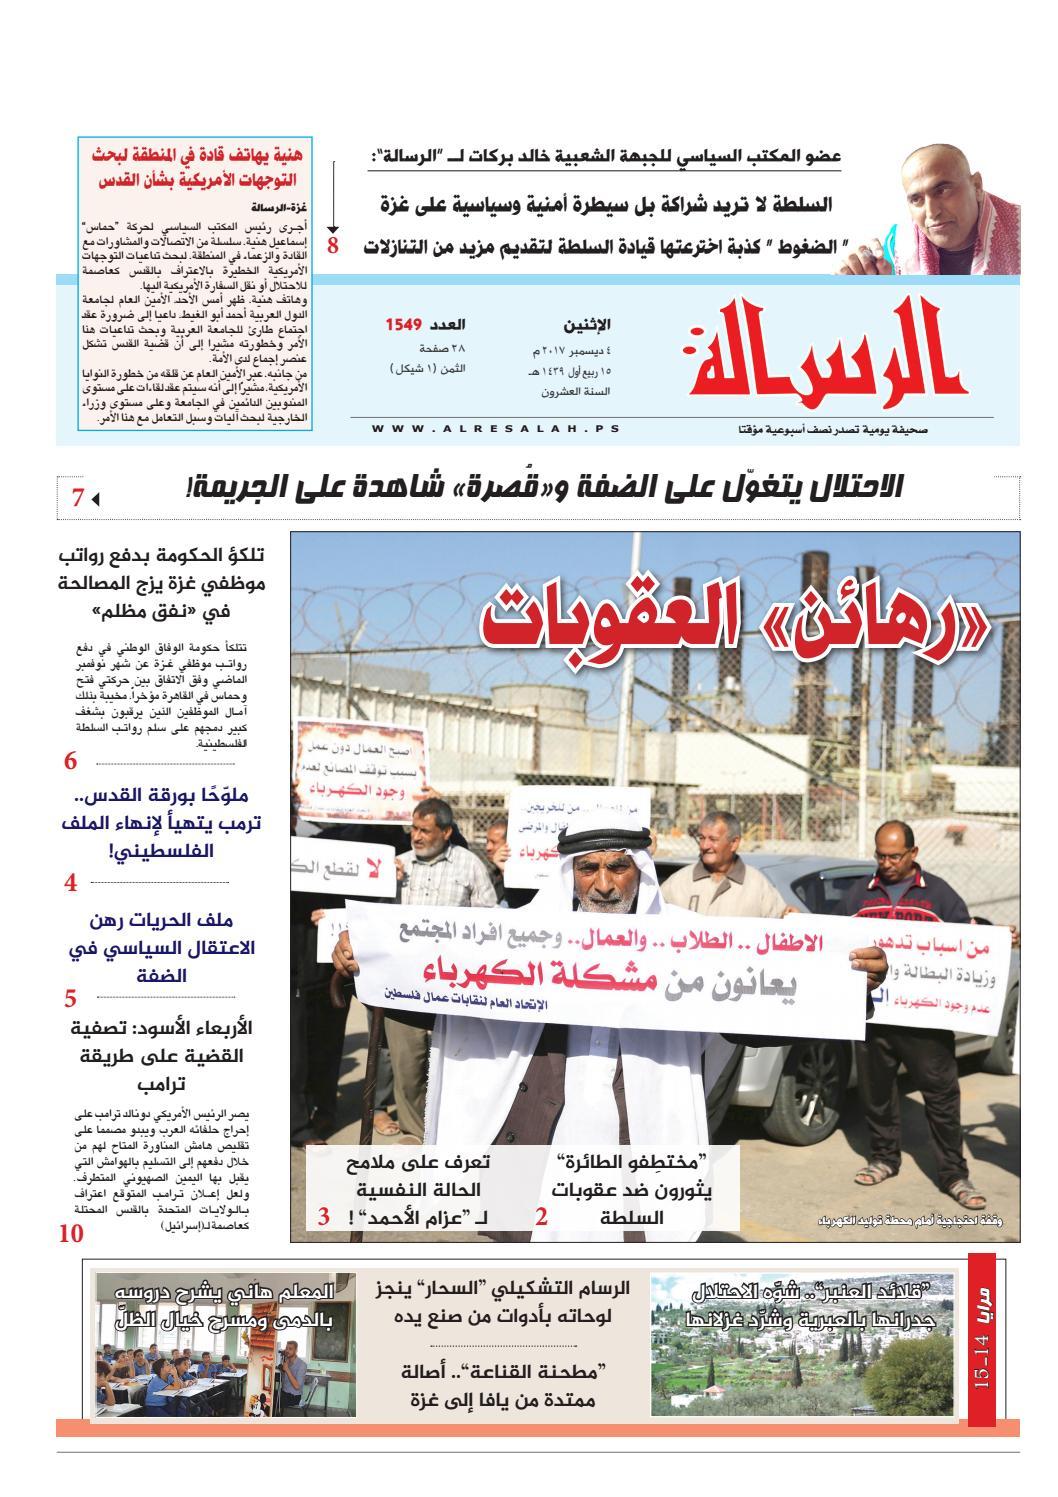 eb4ca364a3dff 1 28 by صحيفة الرسالة - issuu